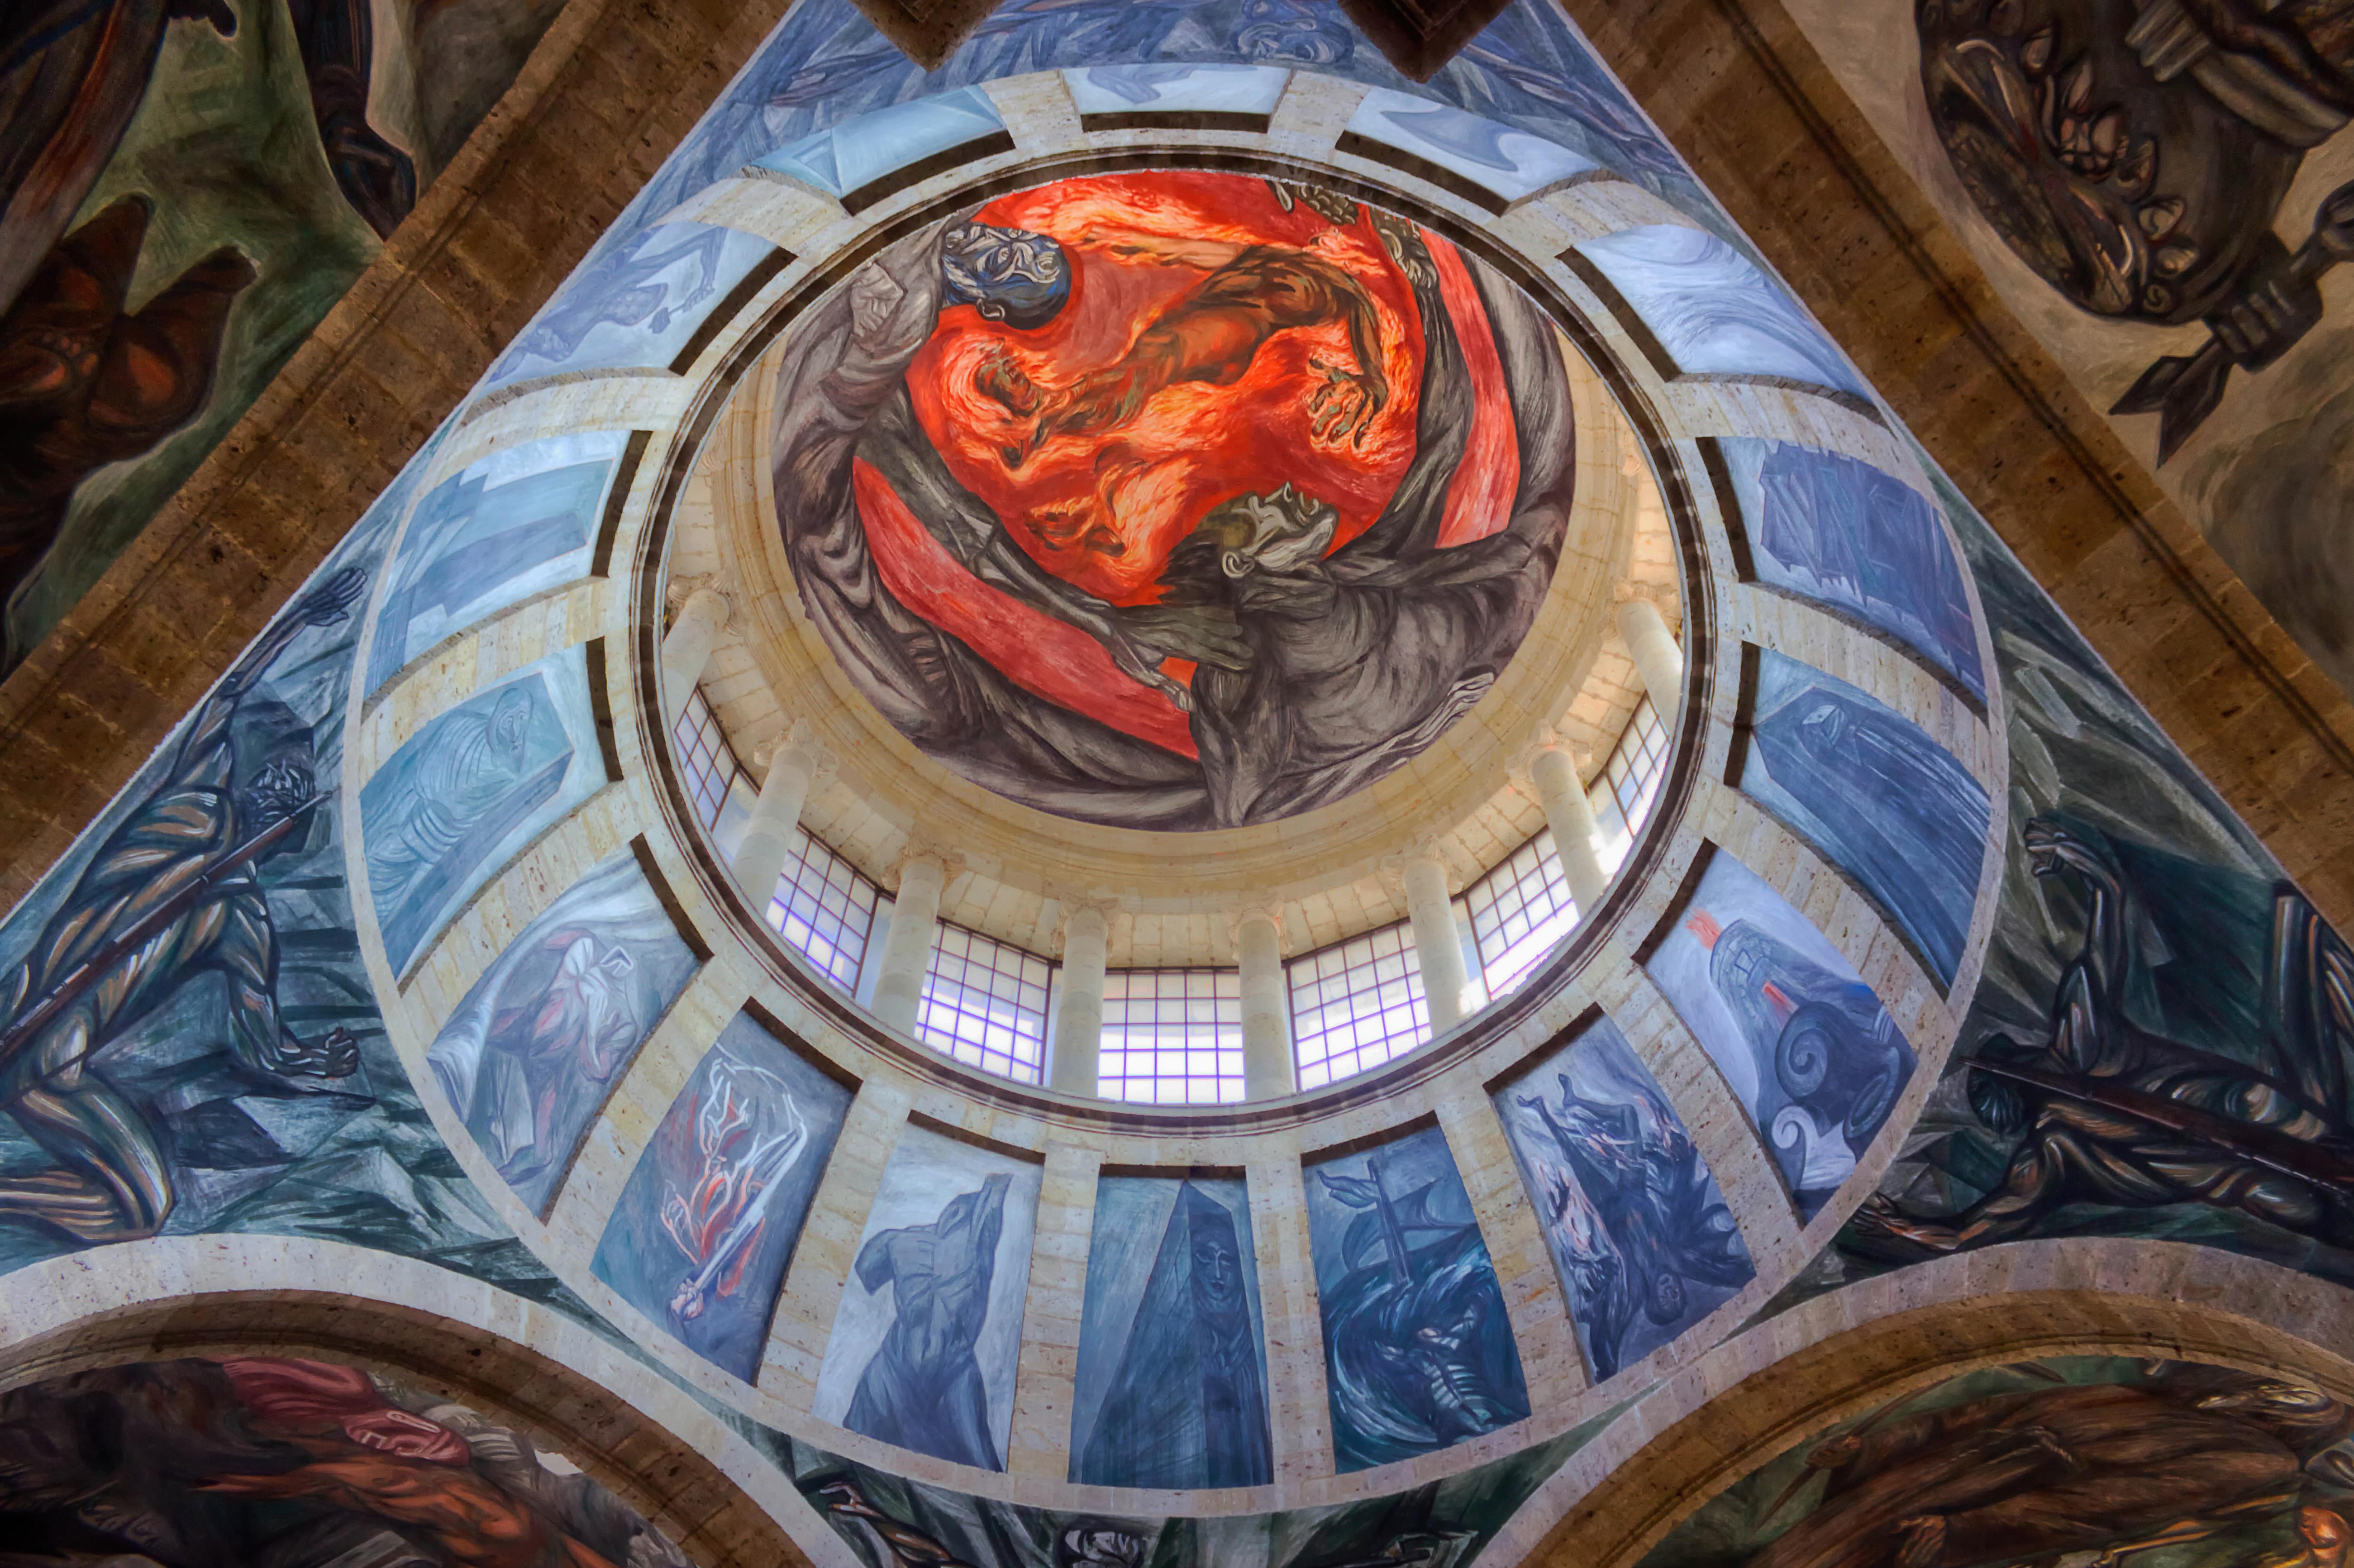 Fondos de pantalla pintura m jico mural guadalajara for El mural guadalajara jalisco